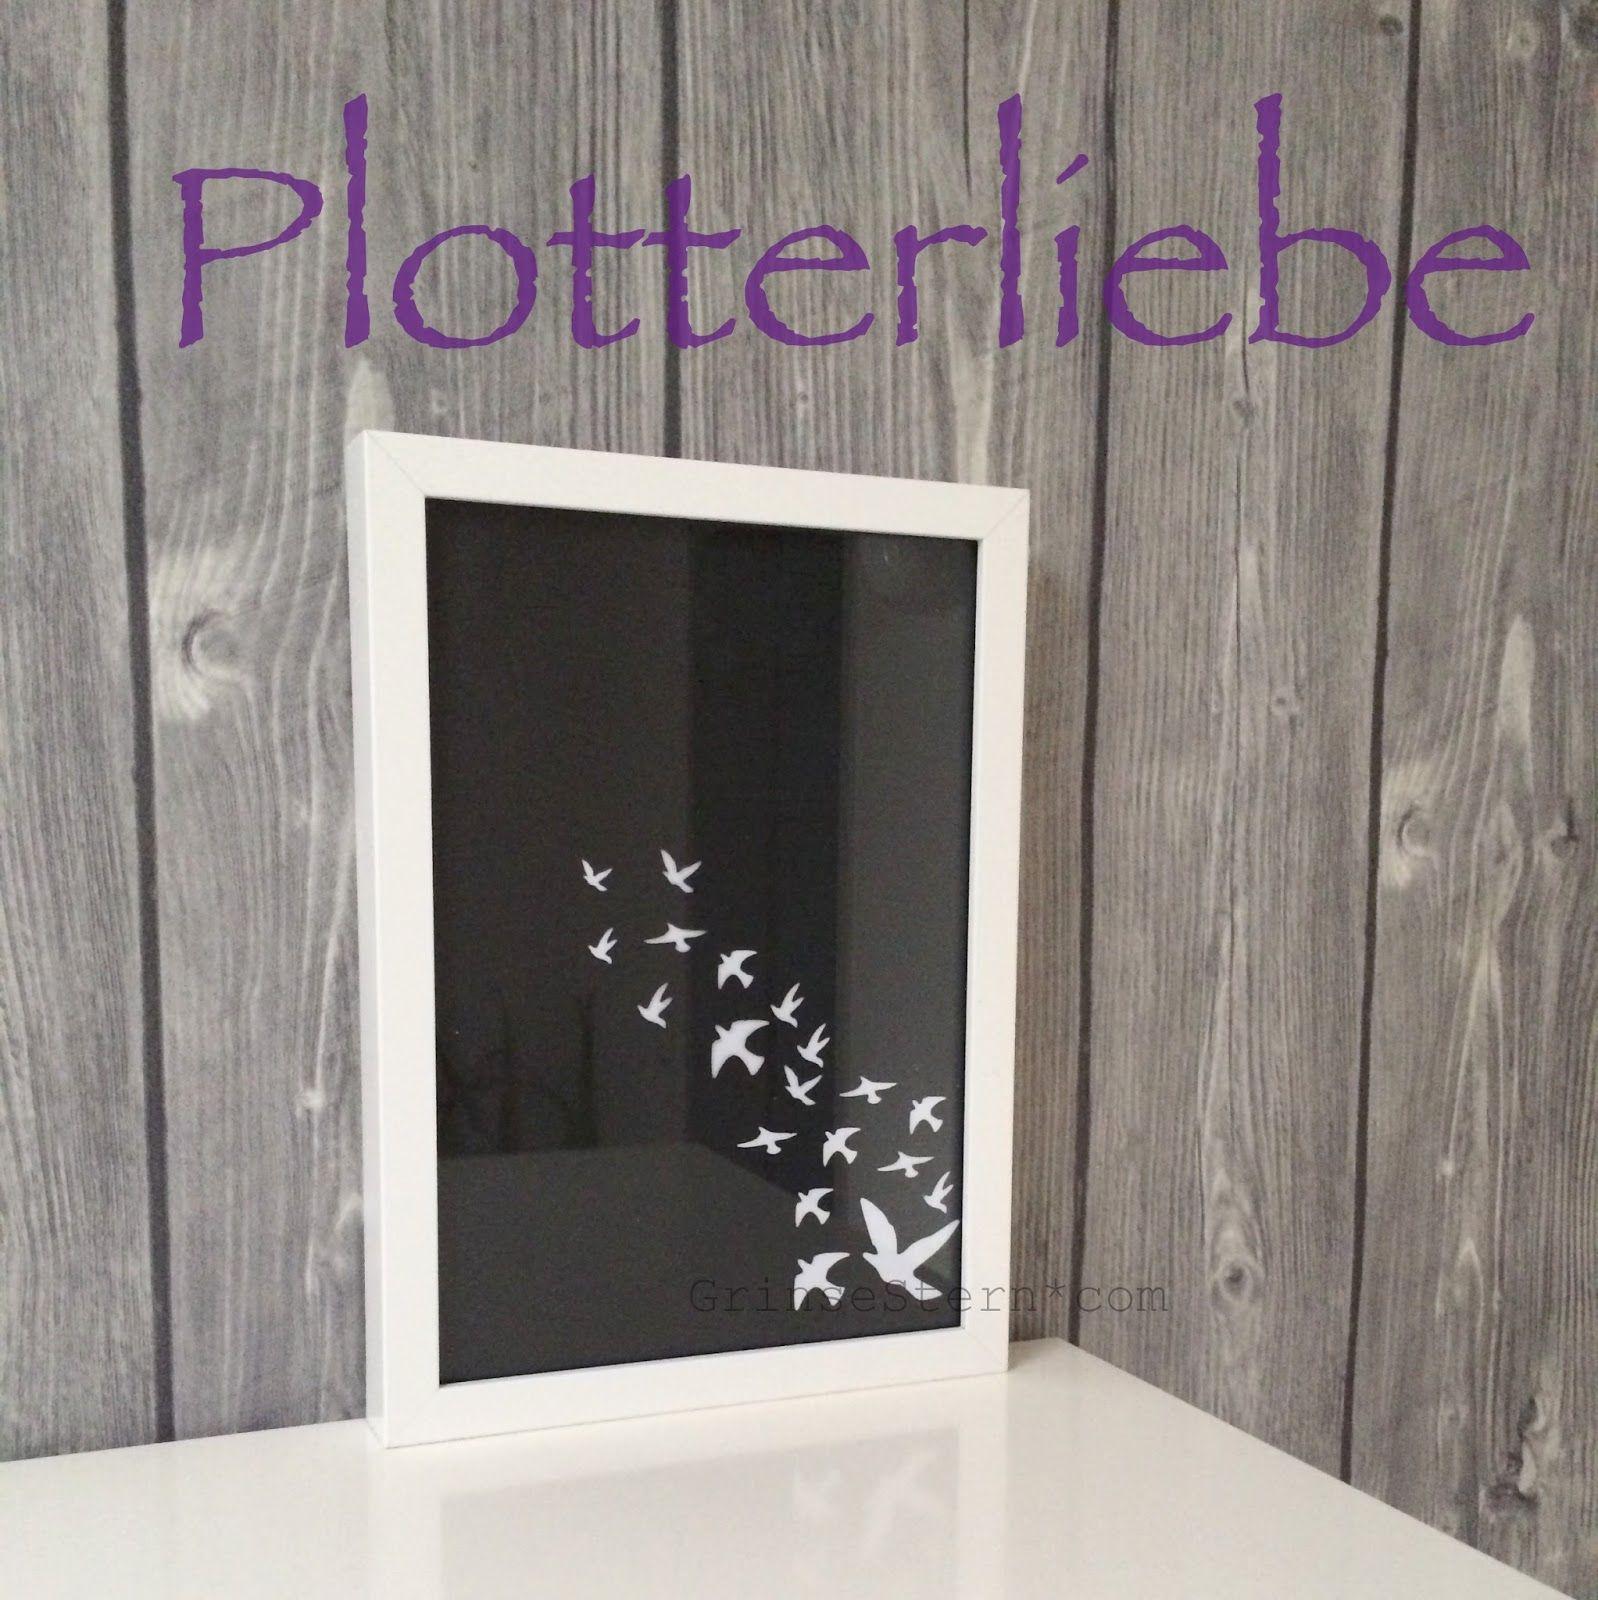 Plotterliebe Freebie